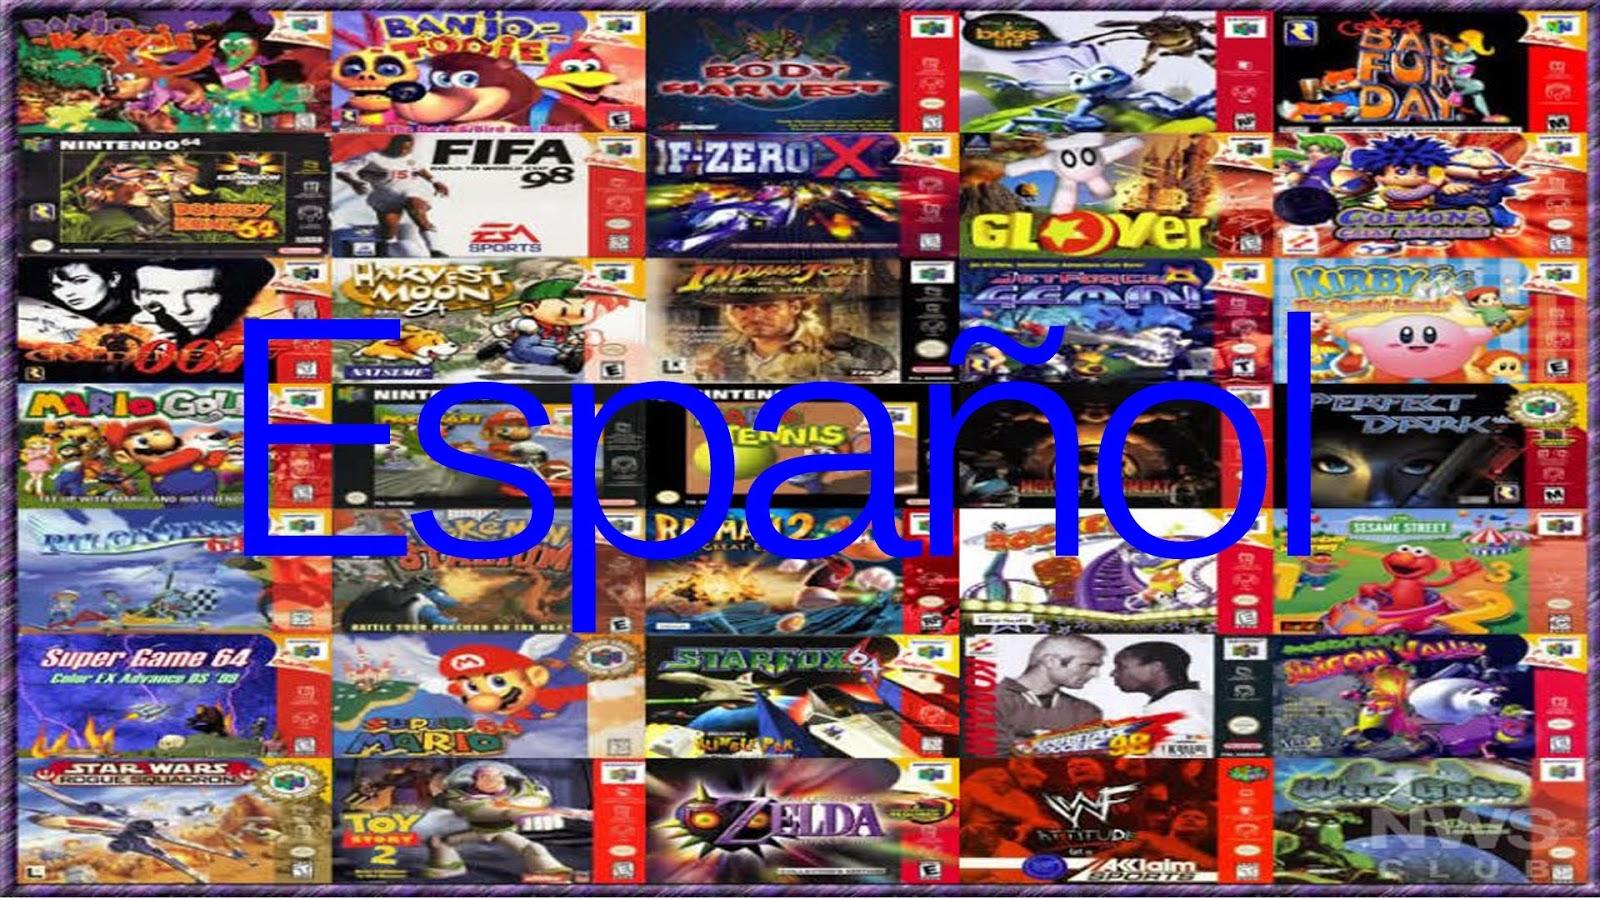 n64romsespaC3B1ol - Imprescindible Pack en Español 1.0 [Nintendo 64] [25 roms] [UL] [PC]